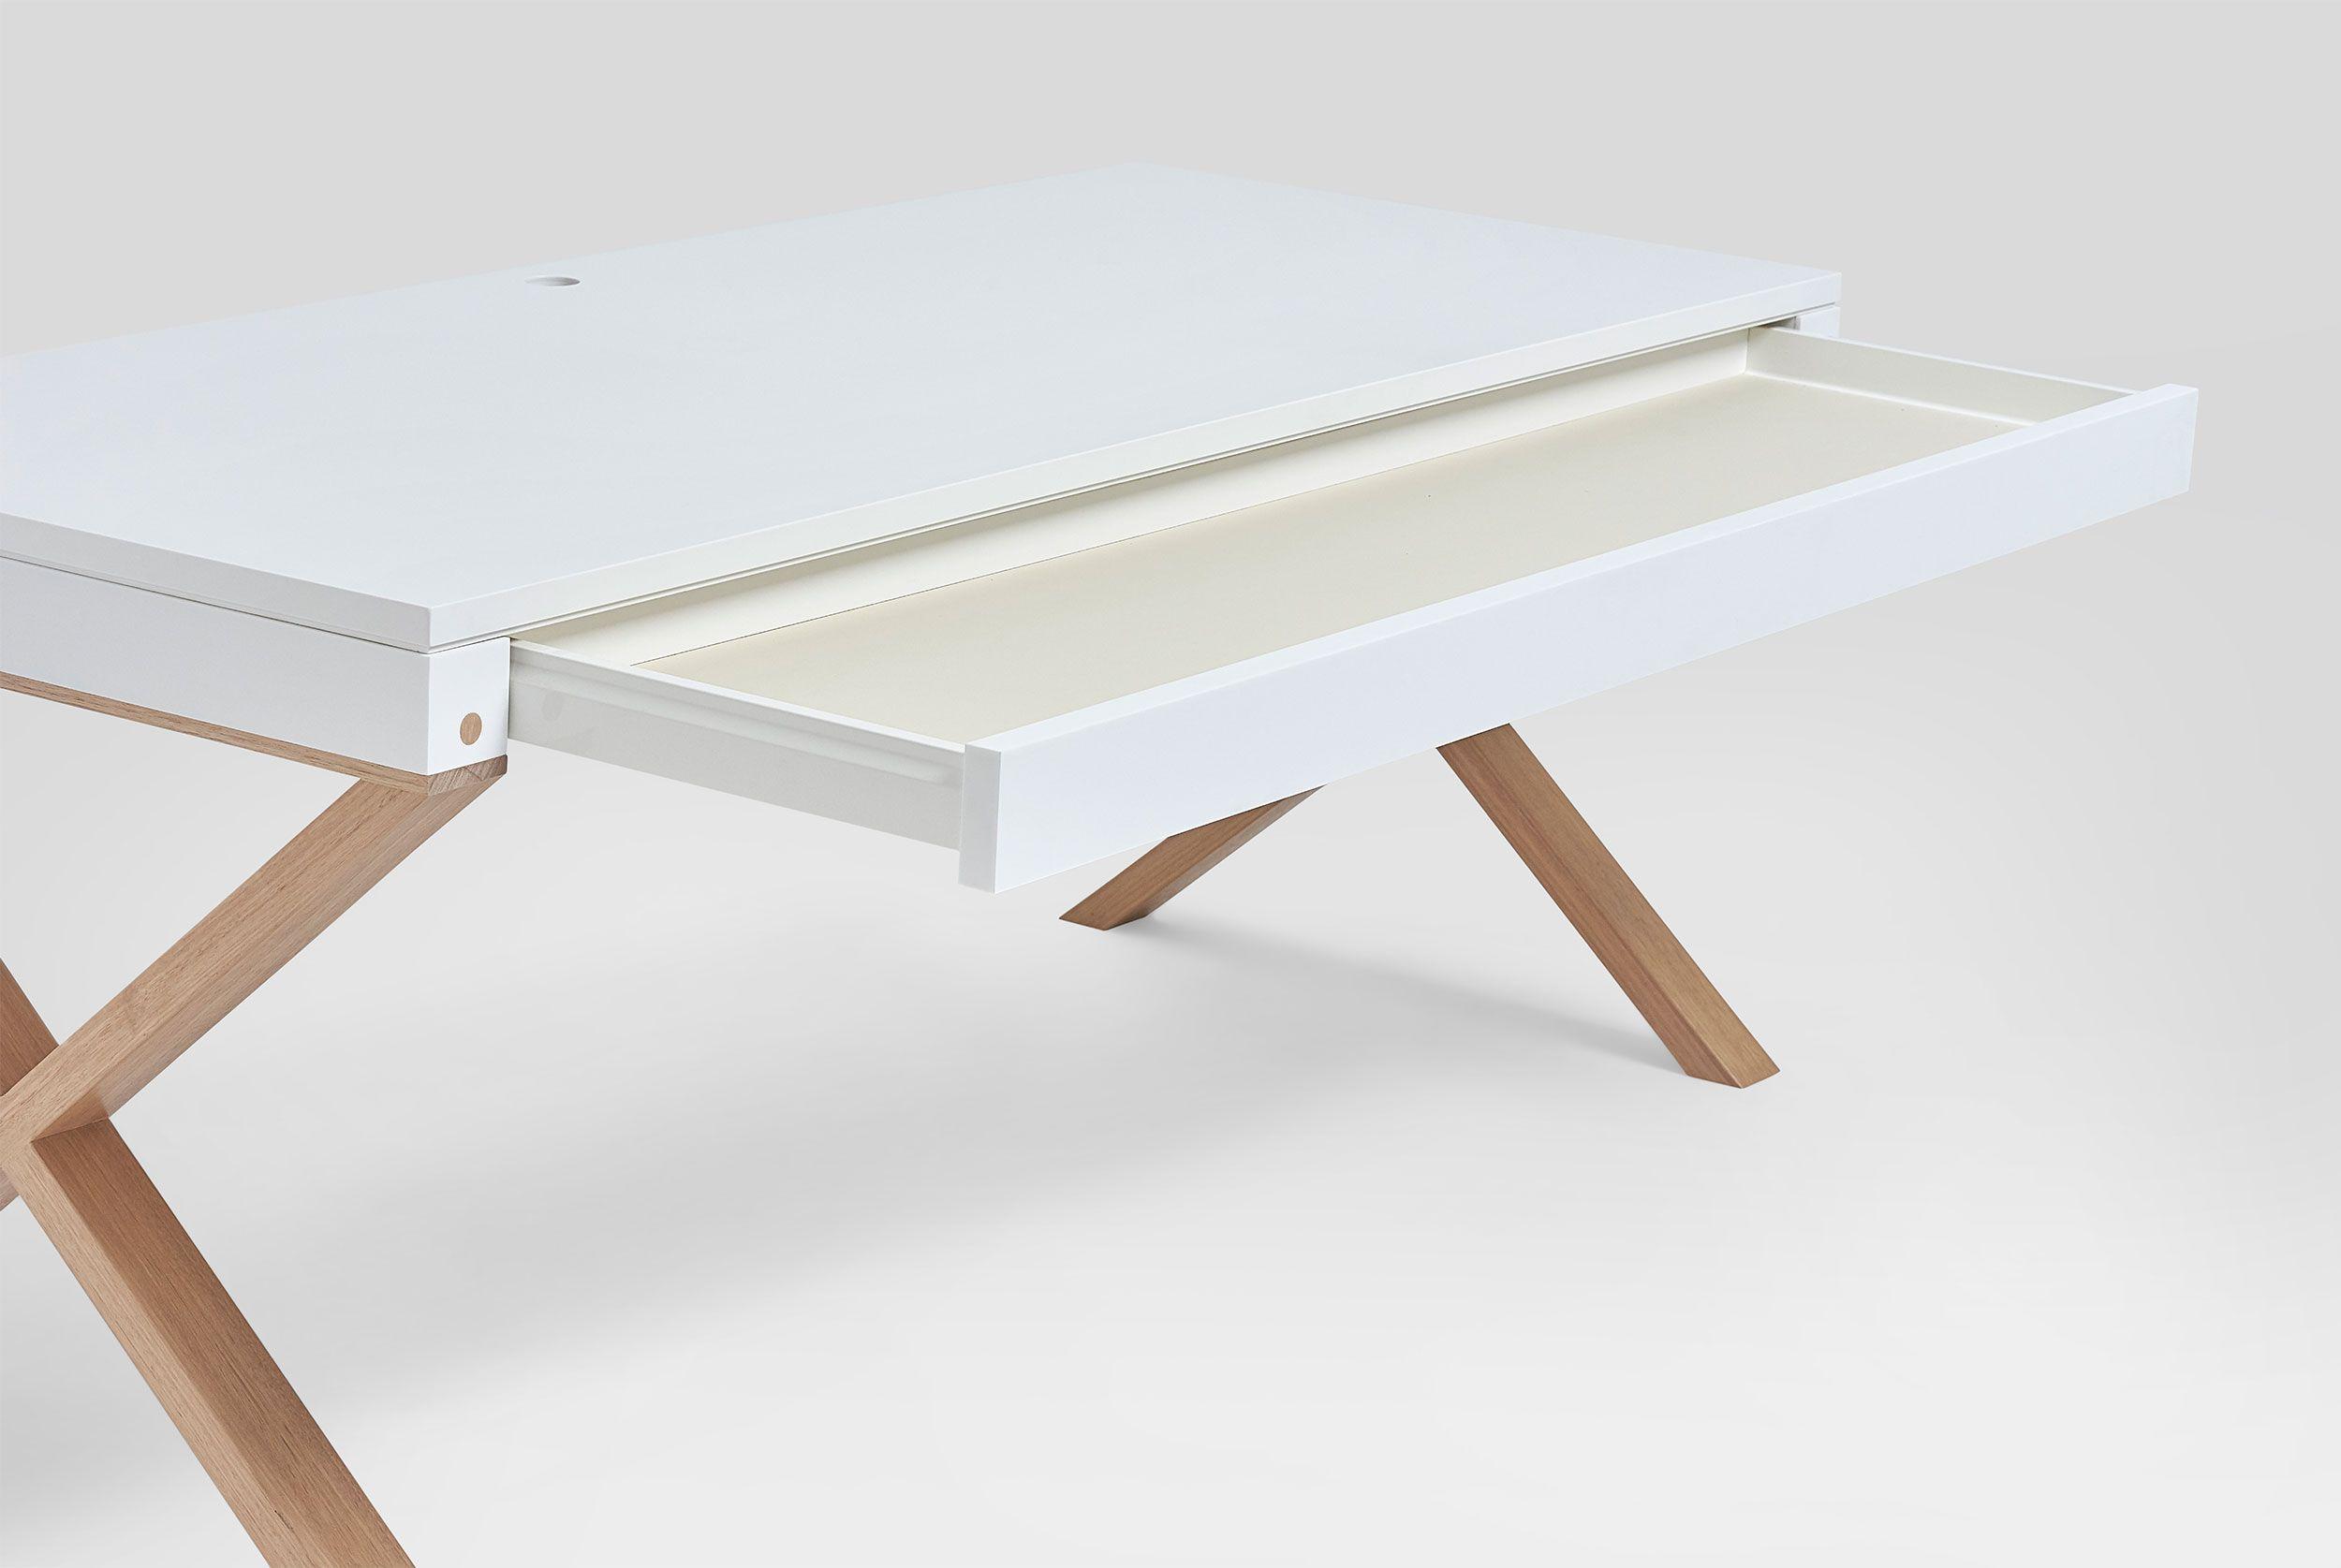 Oosoom Premium Modern Office Desk